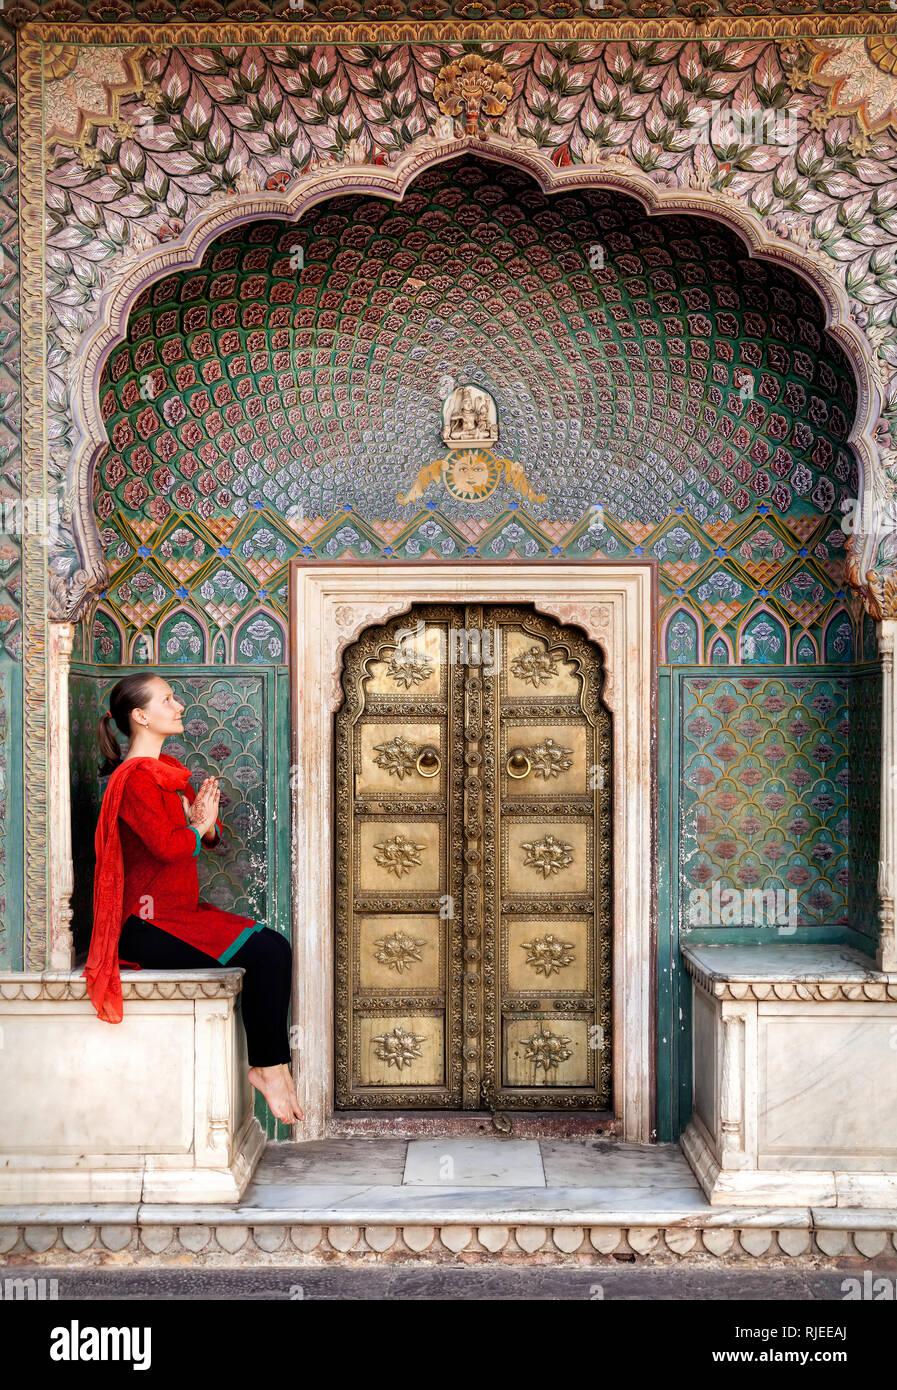 Femme au foulard rouge assis près de la porte de Lotus dans City Palace de Jaipur, Rajasthan, Inde Photo Stock